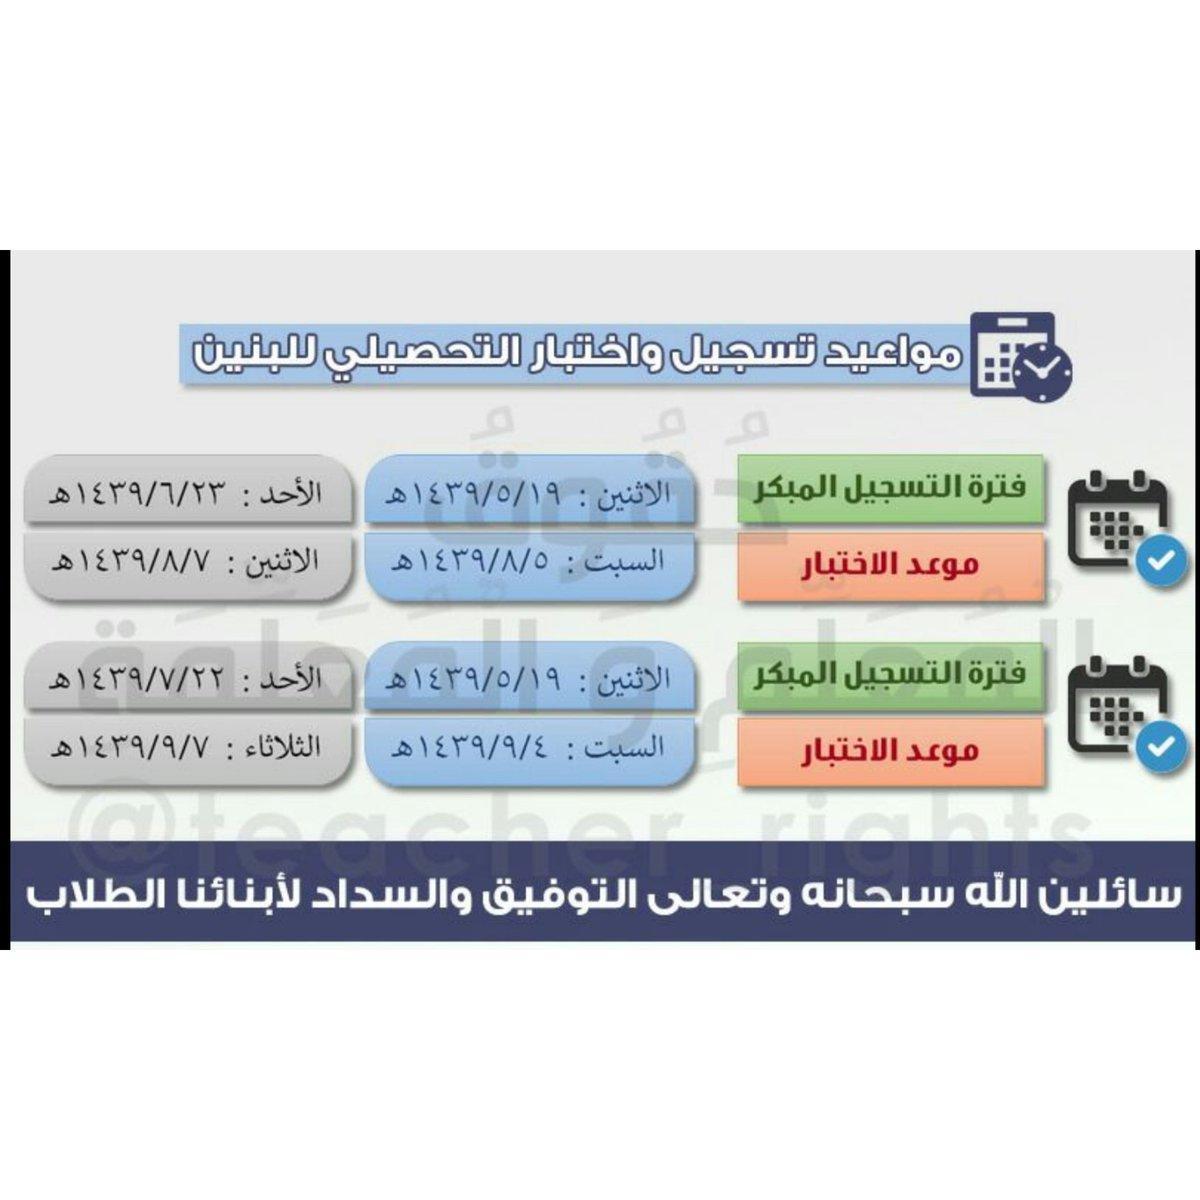 مواعيد تسجيل واختبار التحصيلي للبنين . h...